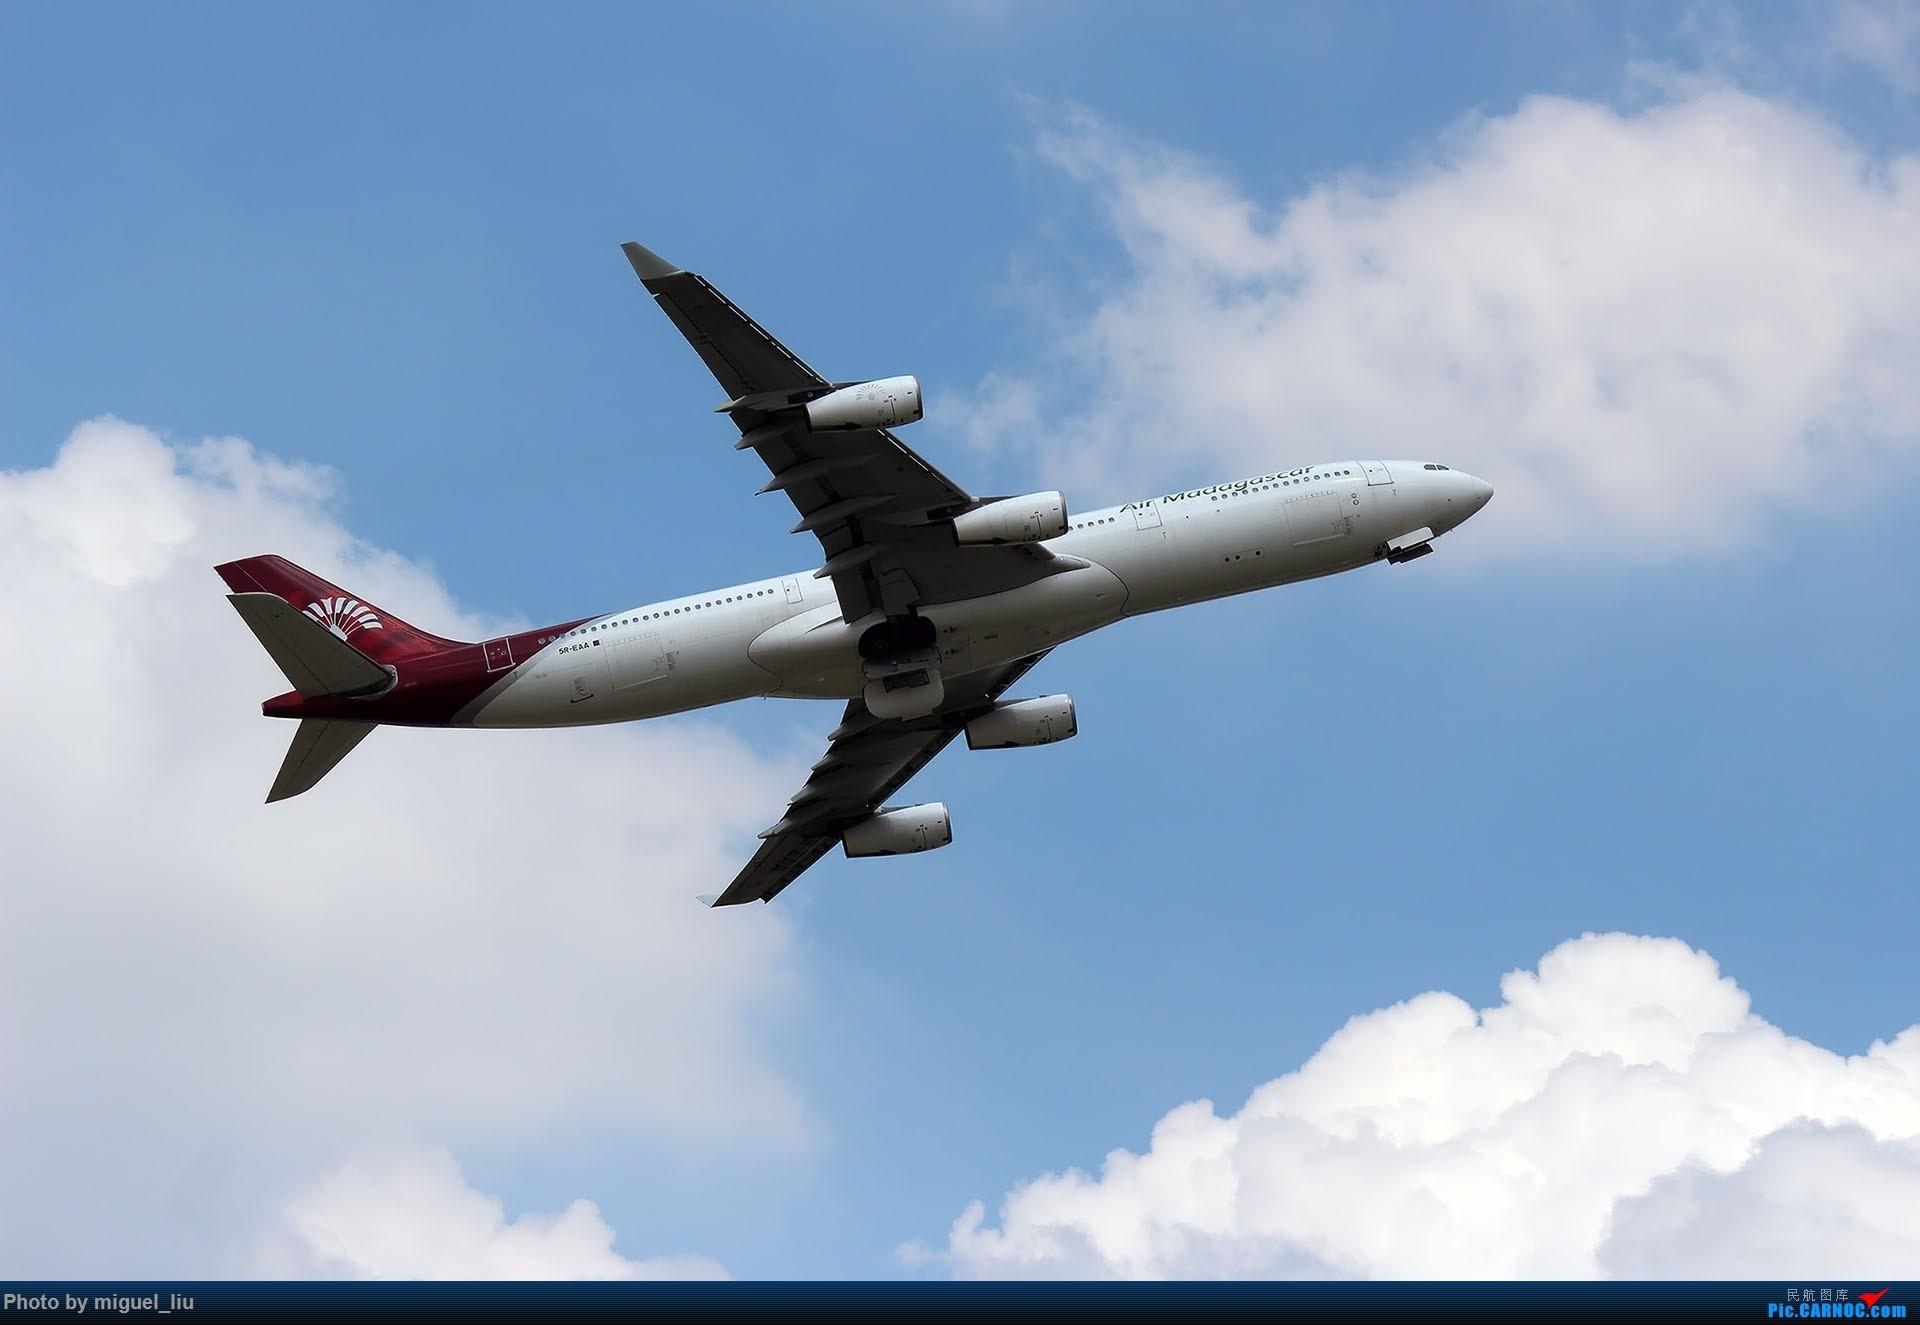 [原创][*********Miguel_liu********]7月28日例行打卡 AIRBUS A340-300 5R-EAA 中国广州白云国际机场